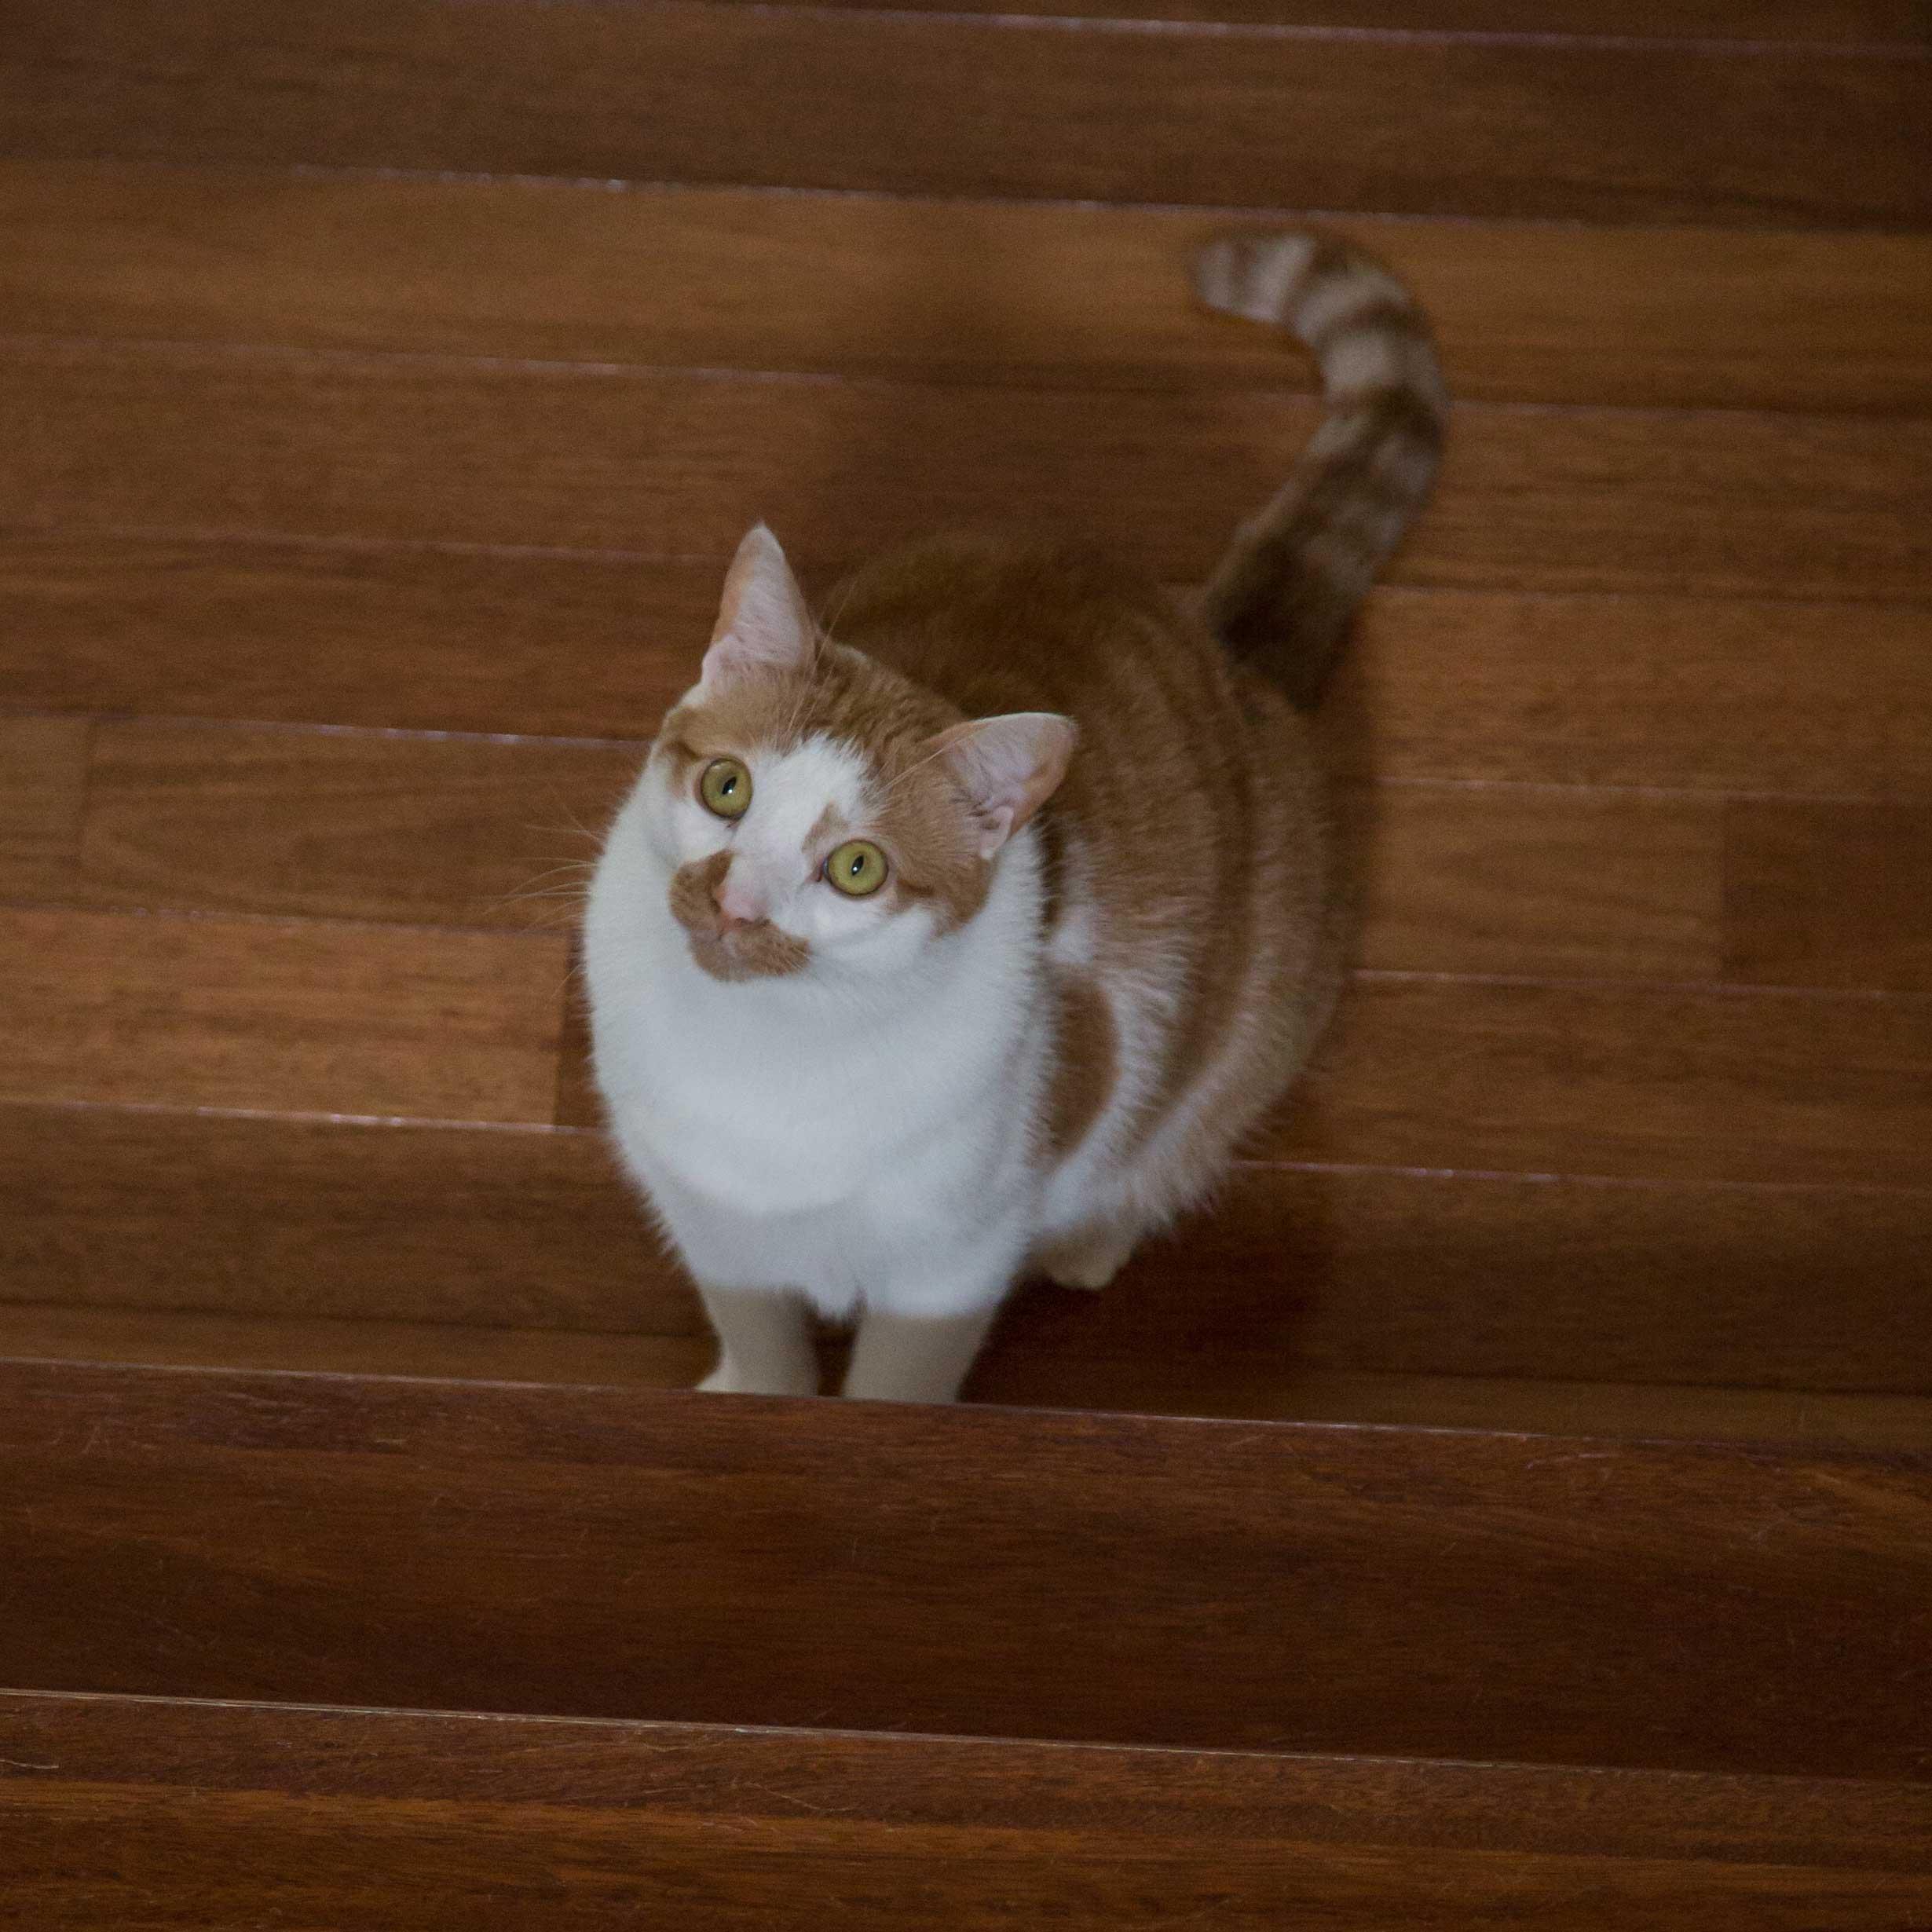 Our cat Gabriel